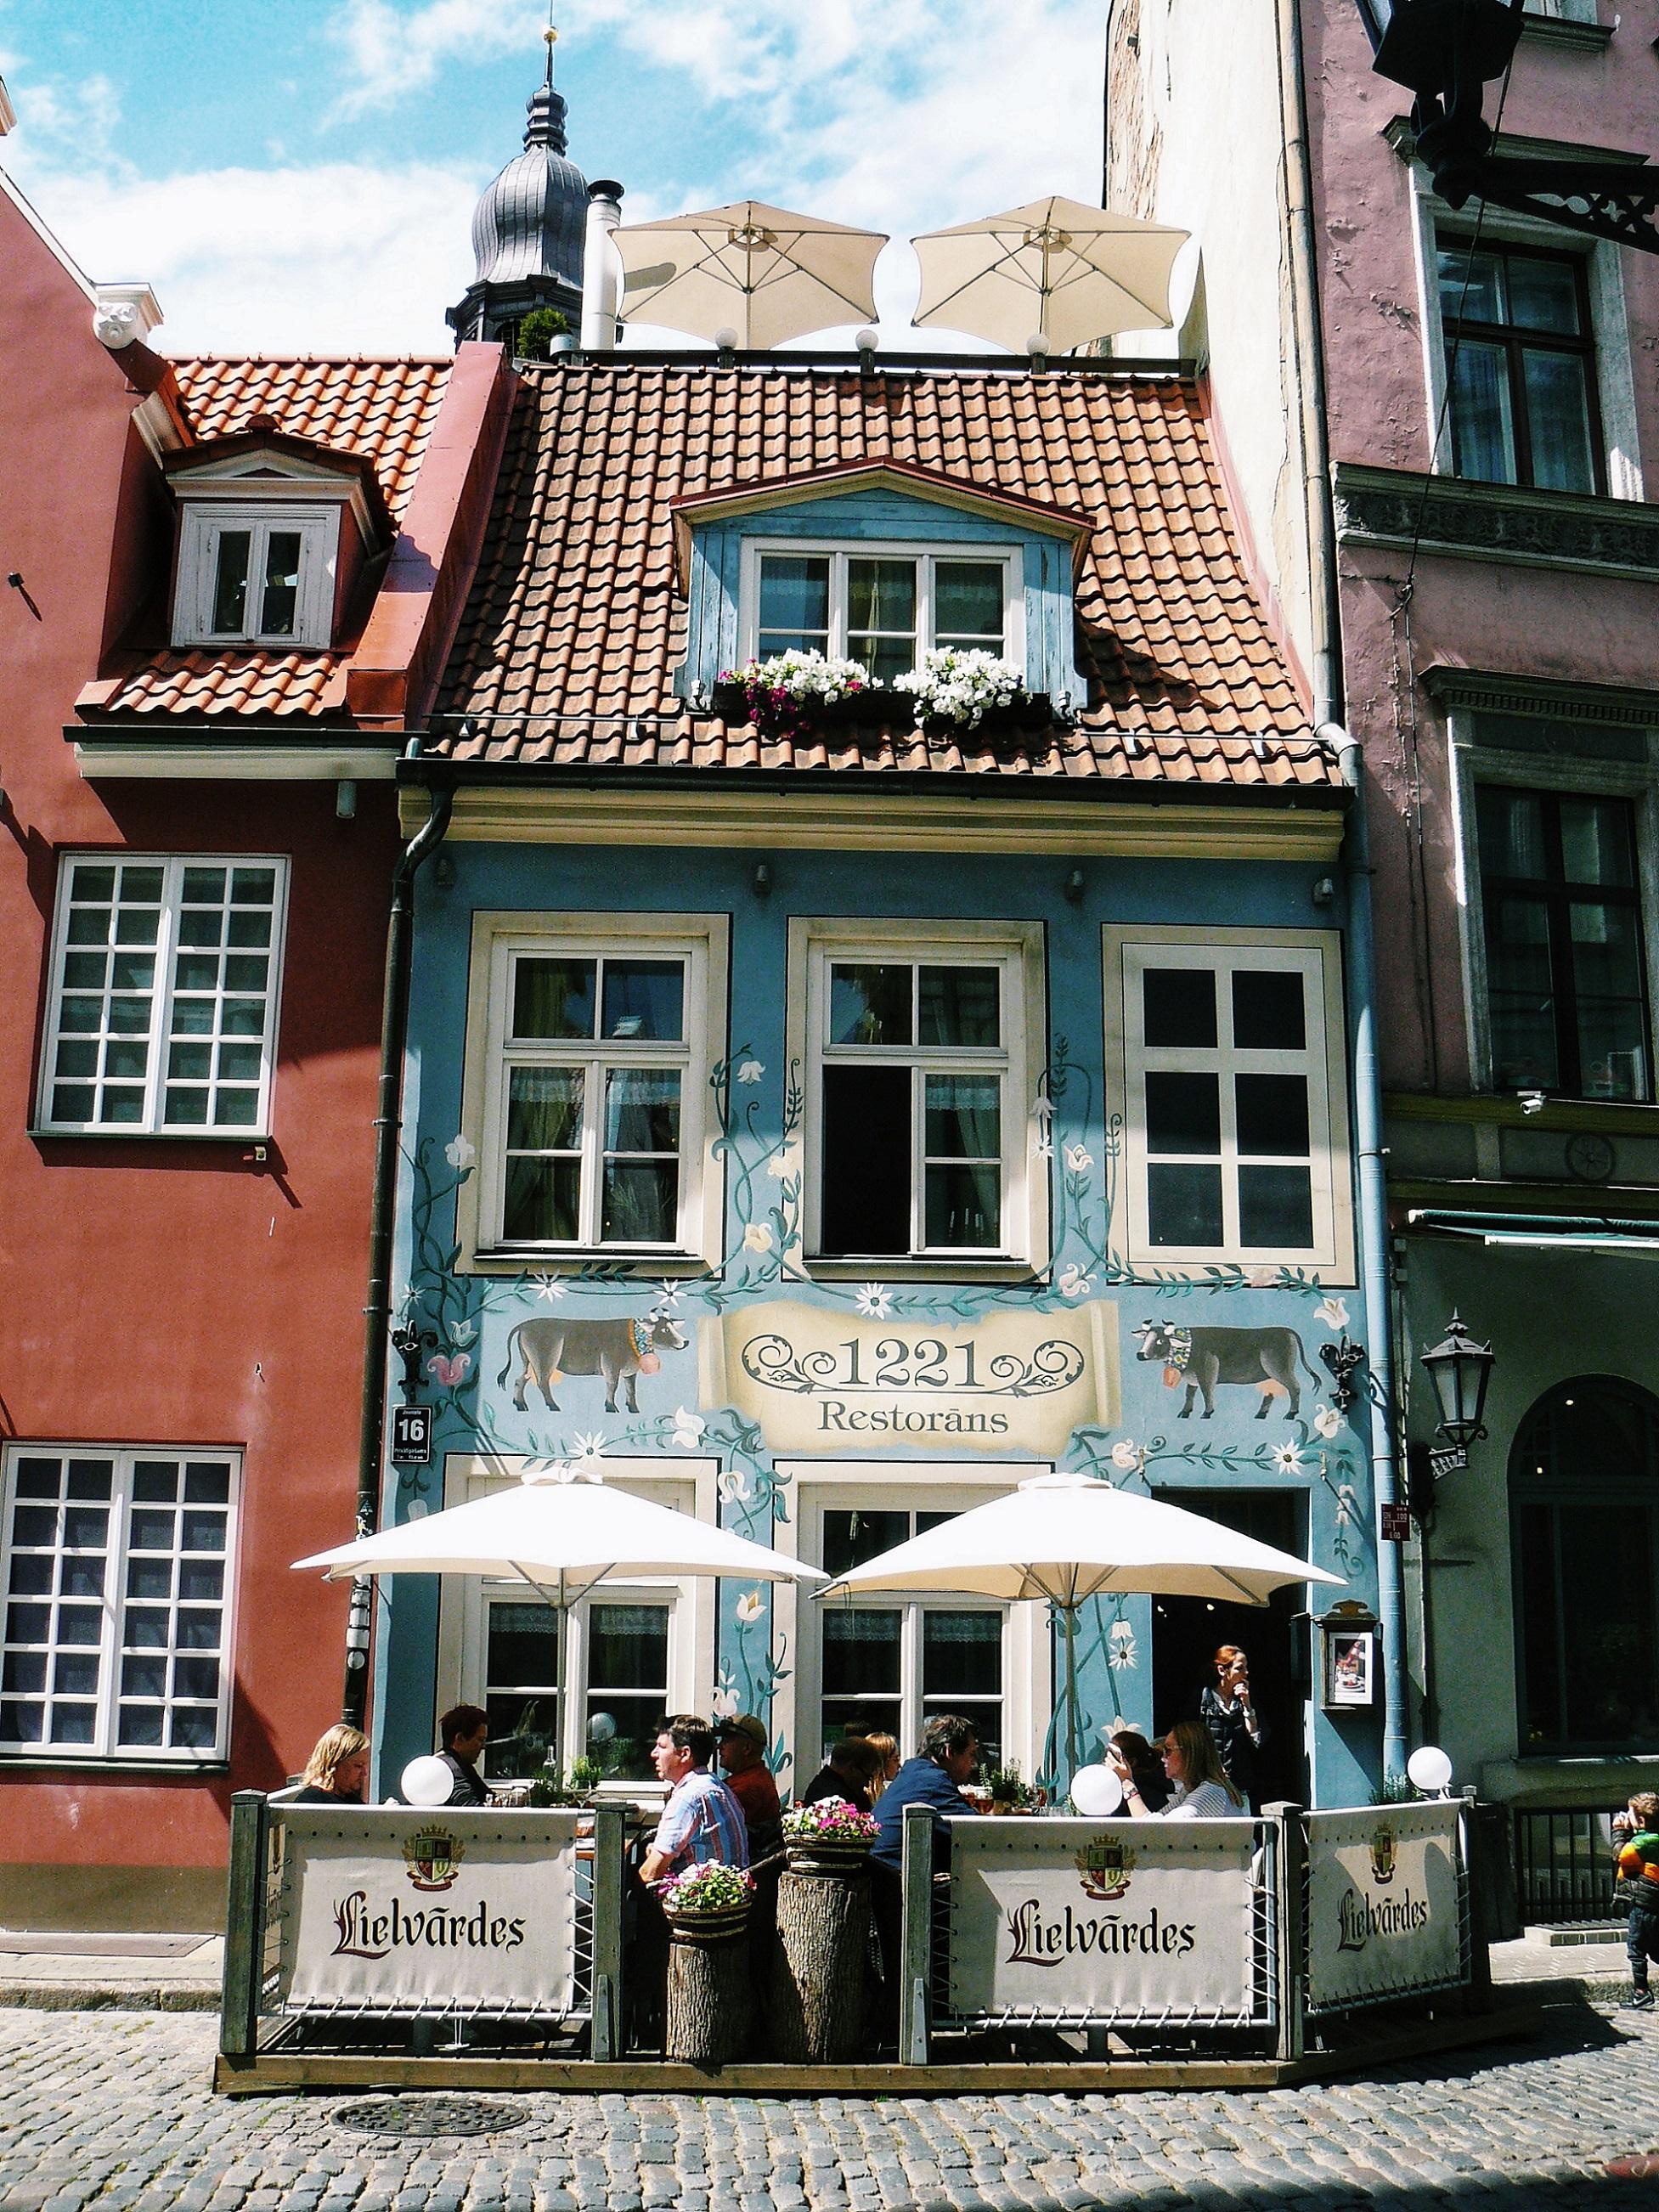 Outlandish blog travel Riga Latvia Midsummer stories